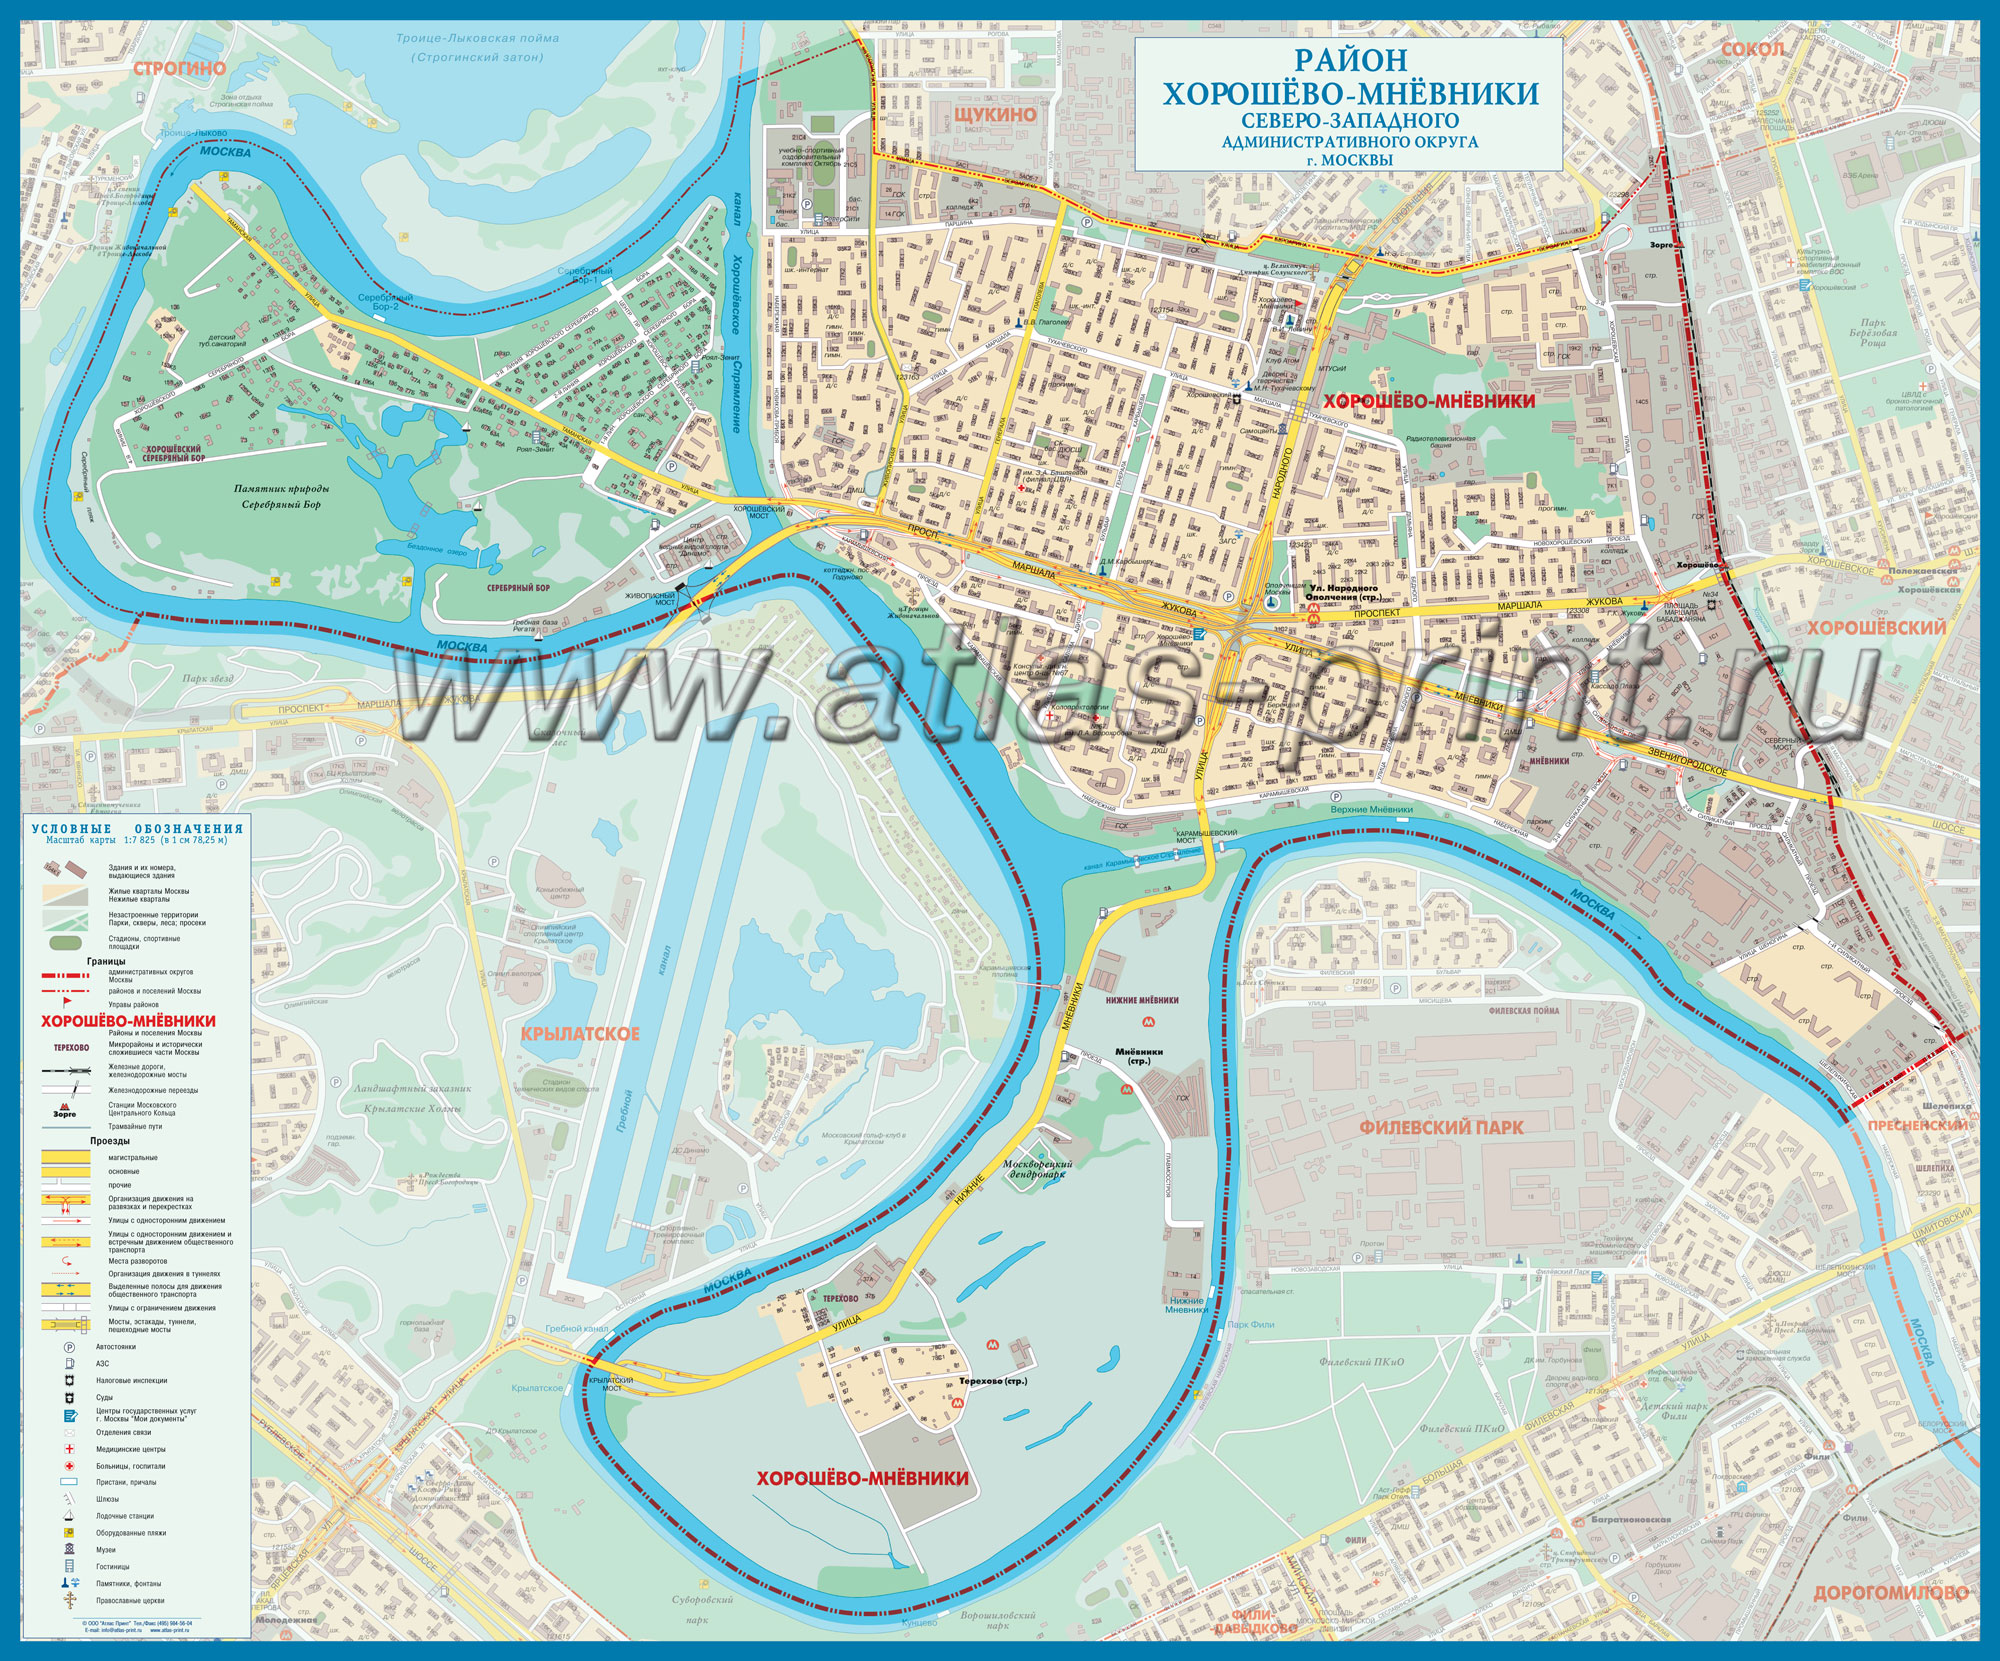 Настенная карта района Хорошёво-Мнёвники г.Москвы 1,00*0,83м, ламинированная